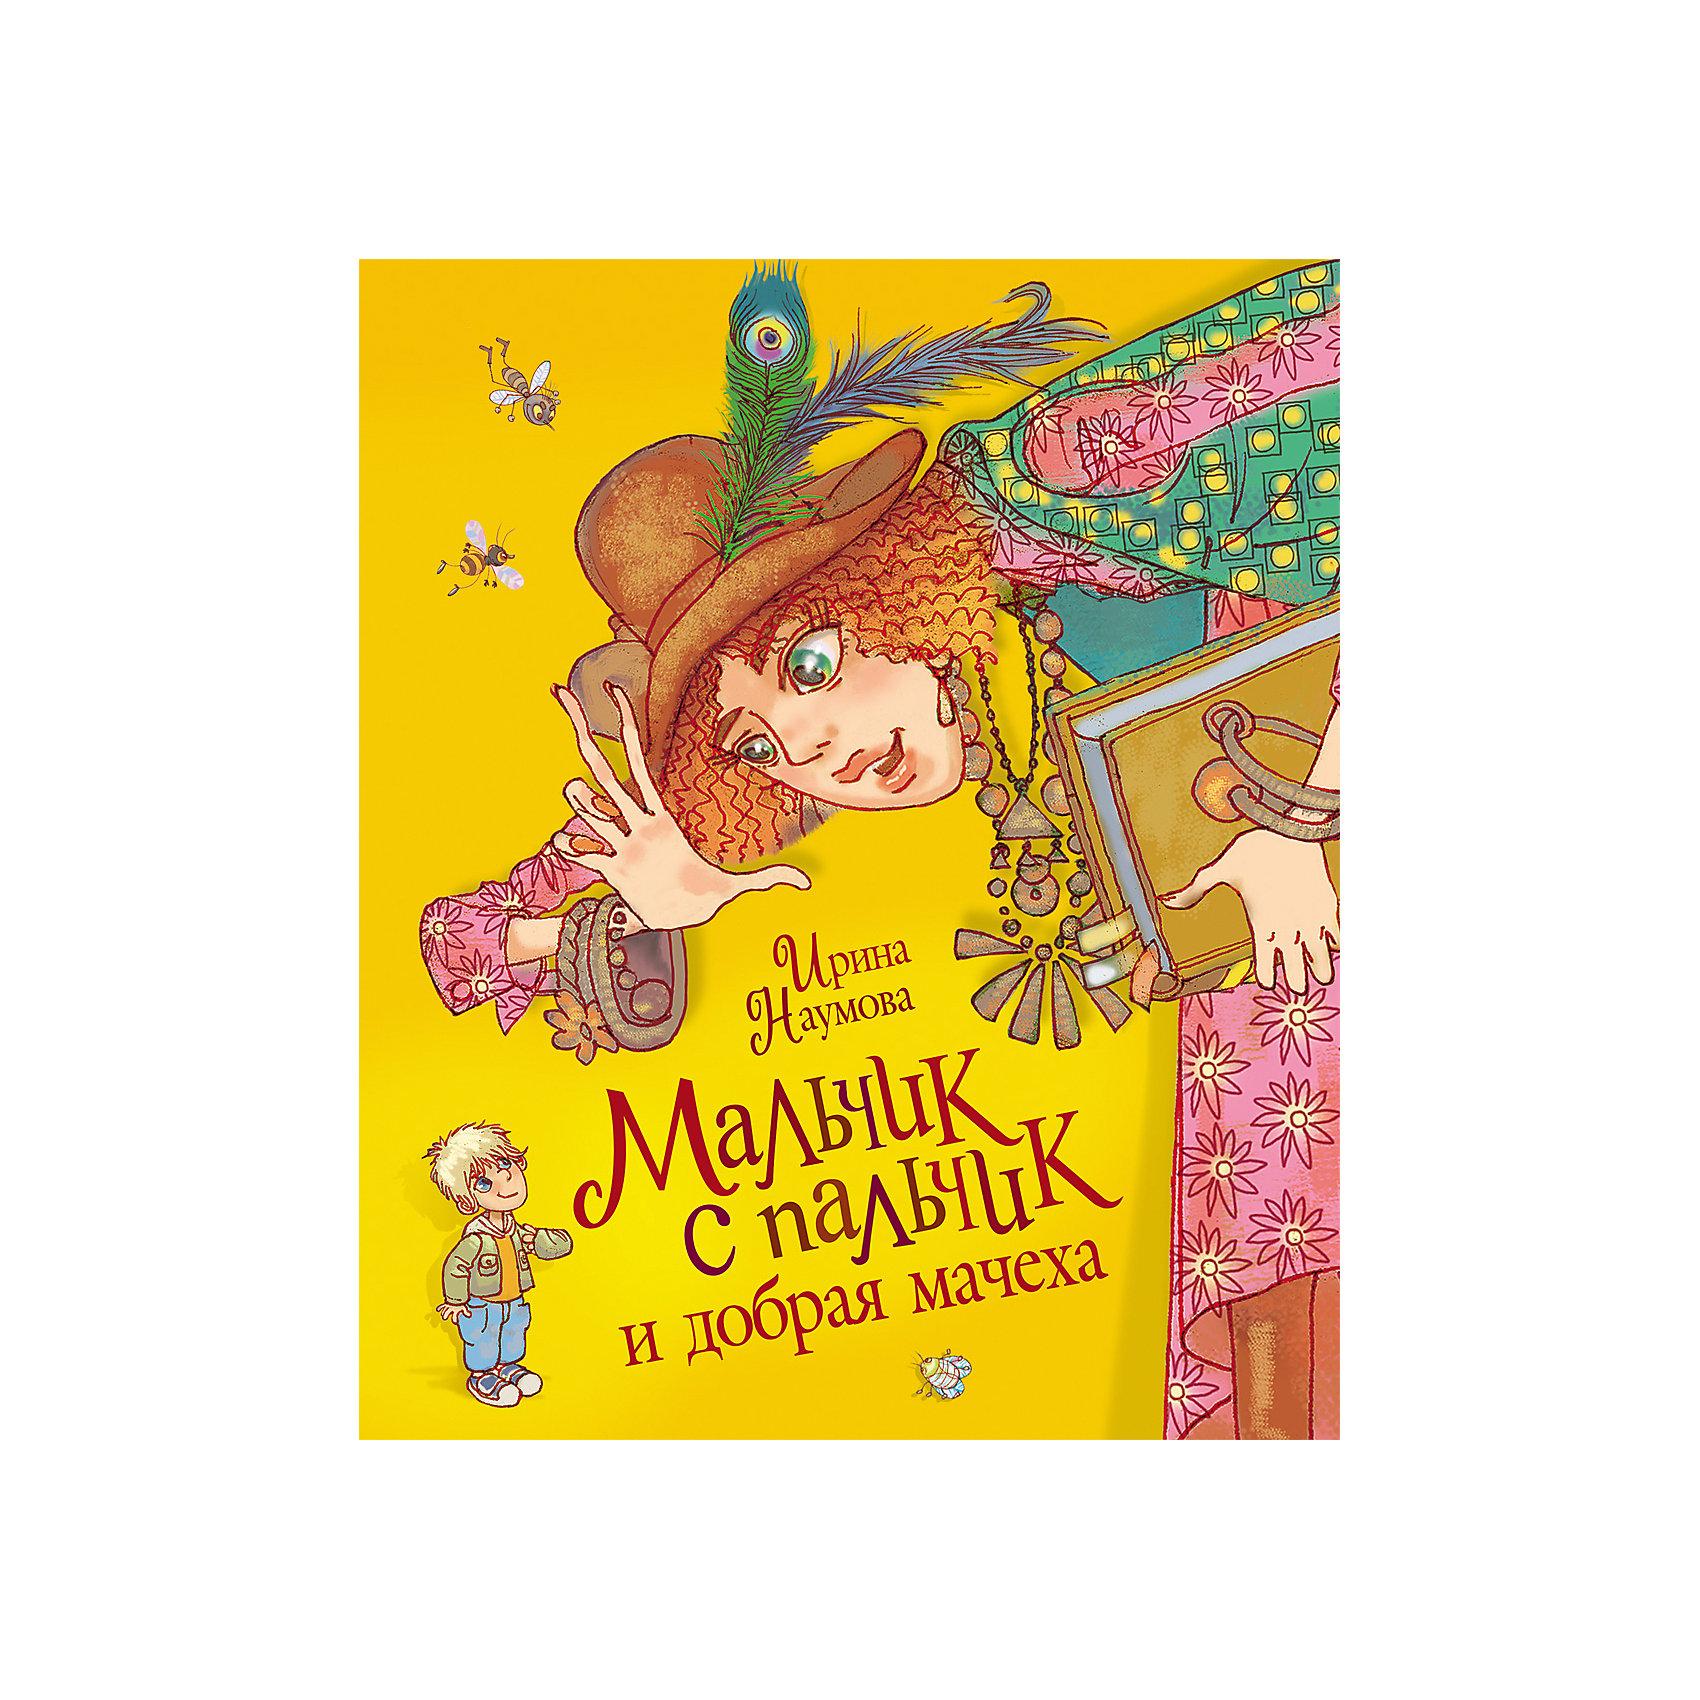 Мальчик-с-пальчик и добрая мачеха, И. НаумоваХарактеристики товара:<br><br>- цвет: разноцветный;<br>- материал: бумага;<br>- страниц: 122;<br>- формат: 24 х 20 см;<br>- обложка: твердая;<br>- иллюстрации.<br><br>Эта интересная книга с иллюстрациями станет отличным подарком для ребенка. Она содержит в себе сказку, которая полюбилась уже многим! Талантливый иллюстратор дополнил книгу качественными рисунками, которые помогают ребенку проникнуться духом сказки.<br>Чтение - отличный способ активизации мышления, оно помогает ребенку развивать зрительную память, концентрацию внимания и воображение. Издание произведено из качественных материалов, которые безопасны даже для самых маленьких.<br><br>Книгу Мальчик-с-пальчик и добрая мачеха, И. Наумова от компании Росмэн можно купить в нашем интернет-магазине.<br><br>Ширина мм: 245<br>Глубина мм: 205<br>Высота мм: 10<br>Вес г: 410<br>Возраст от месяцев: 60<br>Возраст до месяцев: 84<br>Пол: Унисекс<br>Возраст: Детский<br>SKU: 5109920